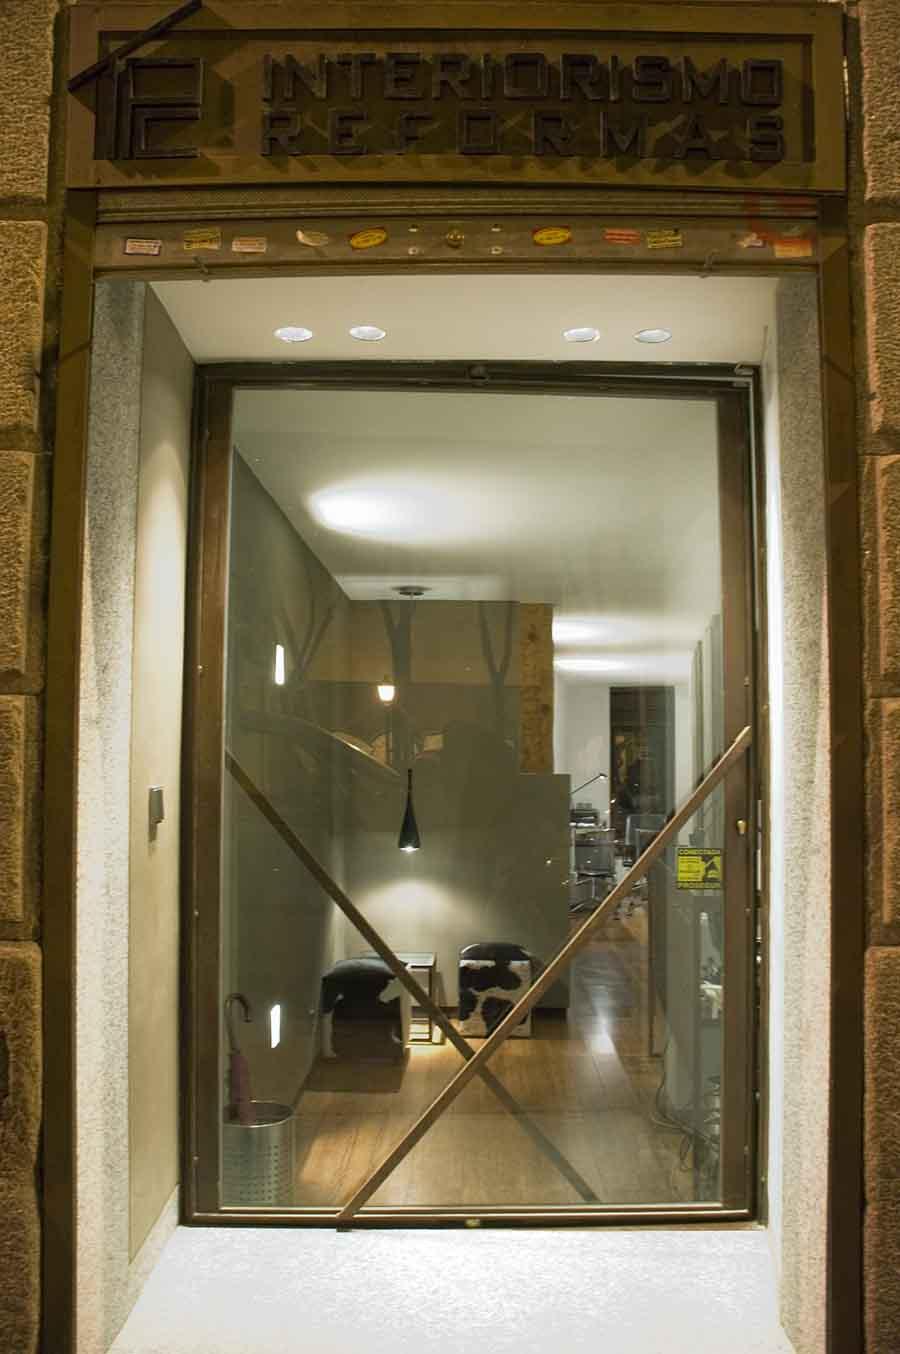 Office13 alicia mesa dise adora de interiores y - Disenadora de interiores ...